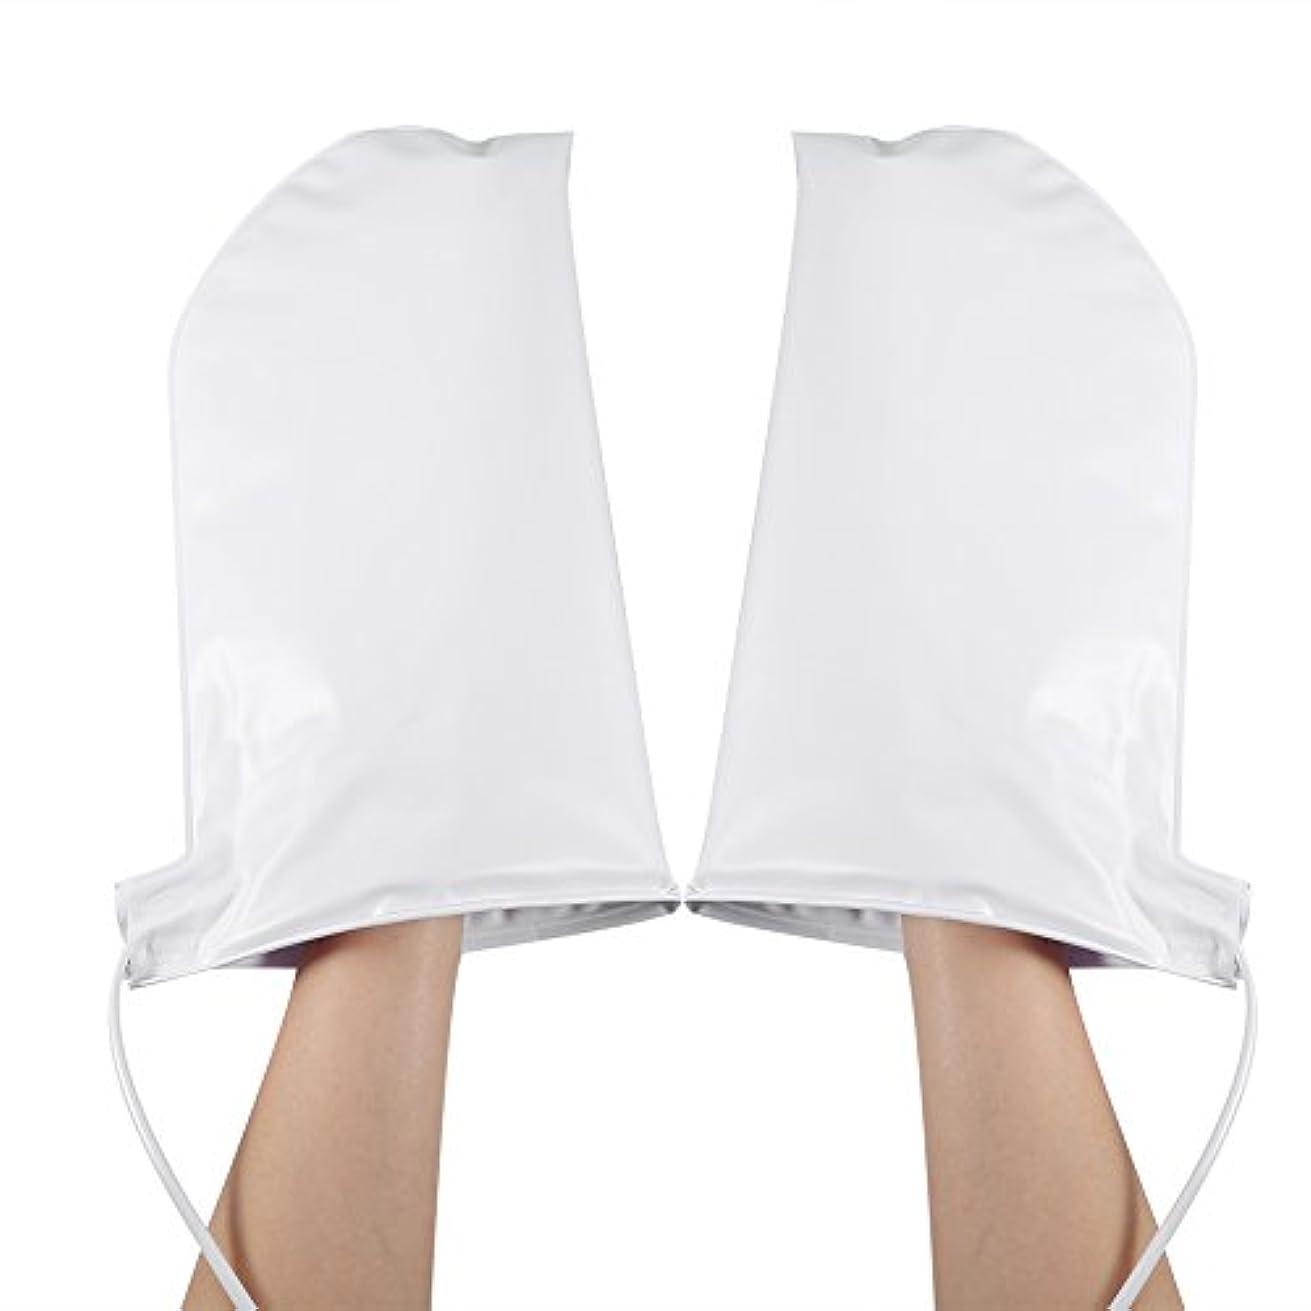 調停者事実ピカソ手袋 ヒートグローブ 加熱式 電熱 手ケア ハンドケア 2つ加熱モード 乾燥対策 手荒れ対策 補水 保湿 美白 しっとり